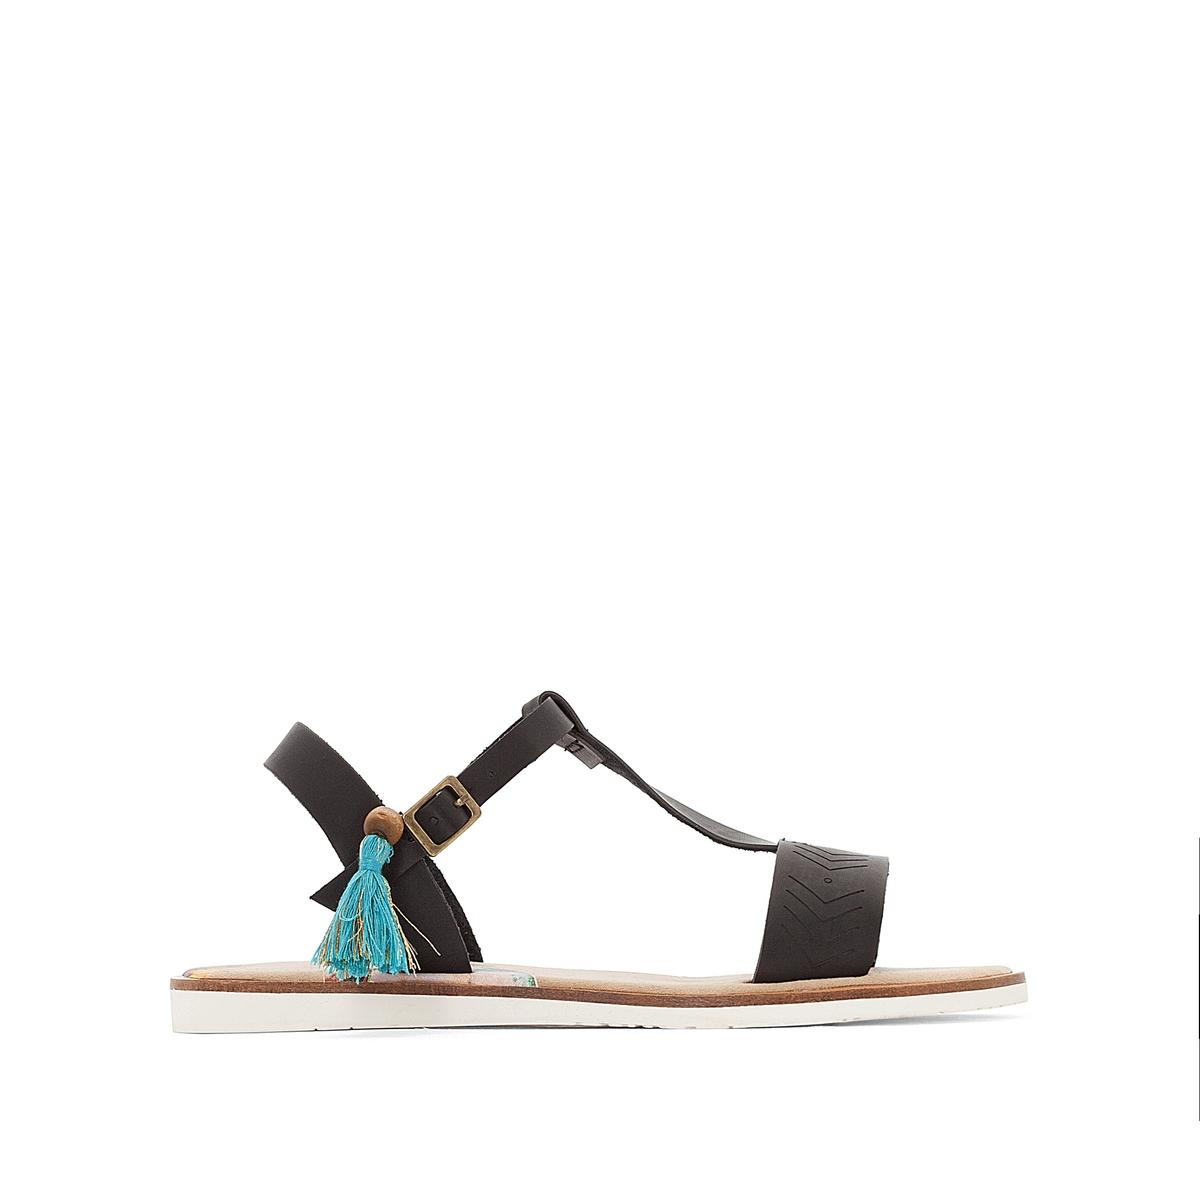 Босоножки MonkyВерх/Голенище : синтетика   Стелька : микрофибра  Подошва : каучук   Форма каблука : плоский каблук  Мысок : закругленный мысок  Застежка : пряжка<br><br>Цвет: черный